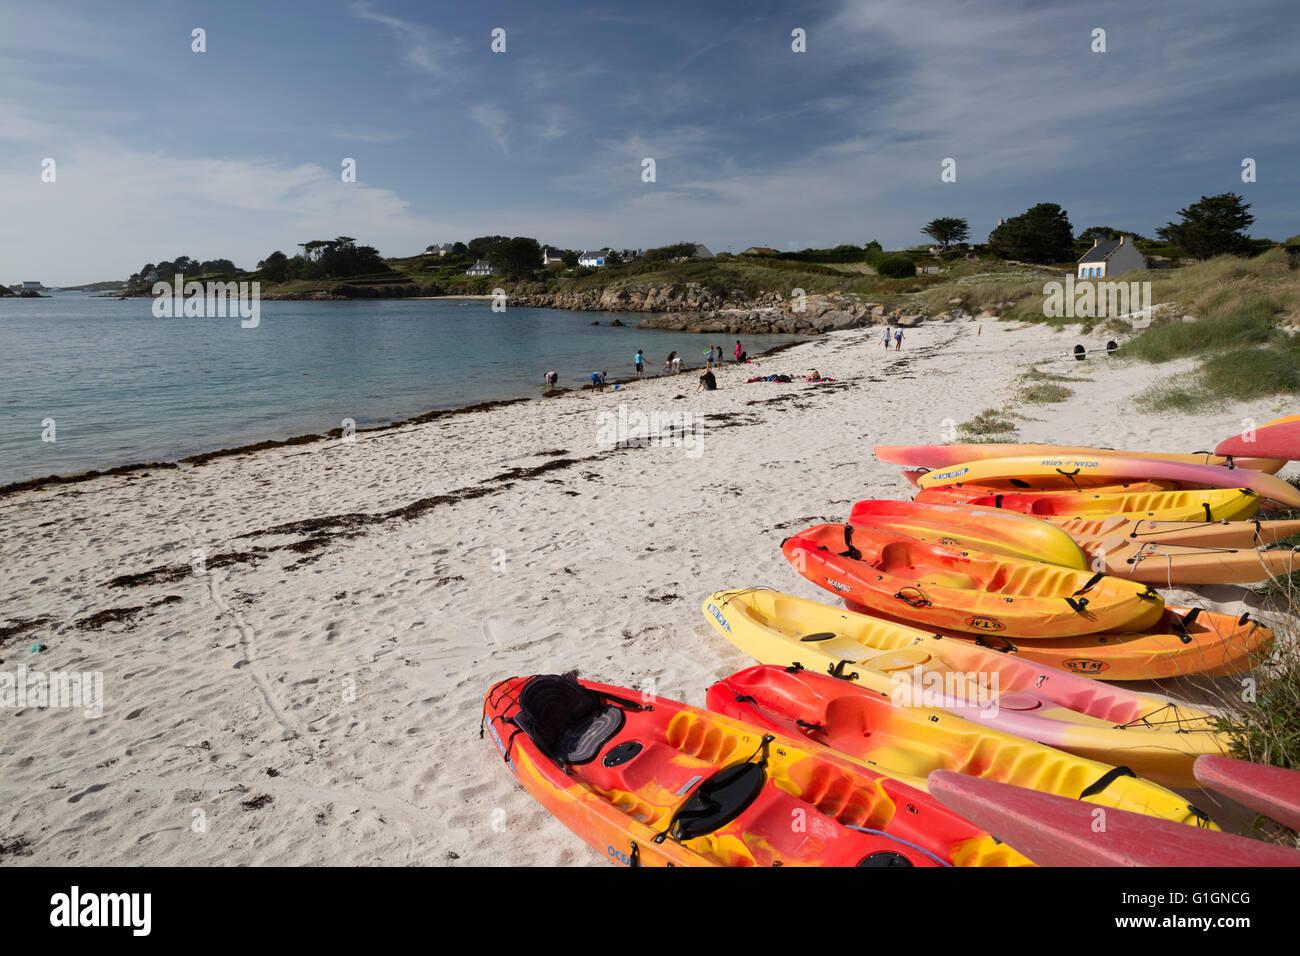 Une plage de Porz Iliz au sud-est de l'île, Ile de Batz, près de Roscoff, Finistère, Bretagne, France, Europe Banque D'Images